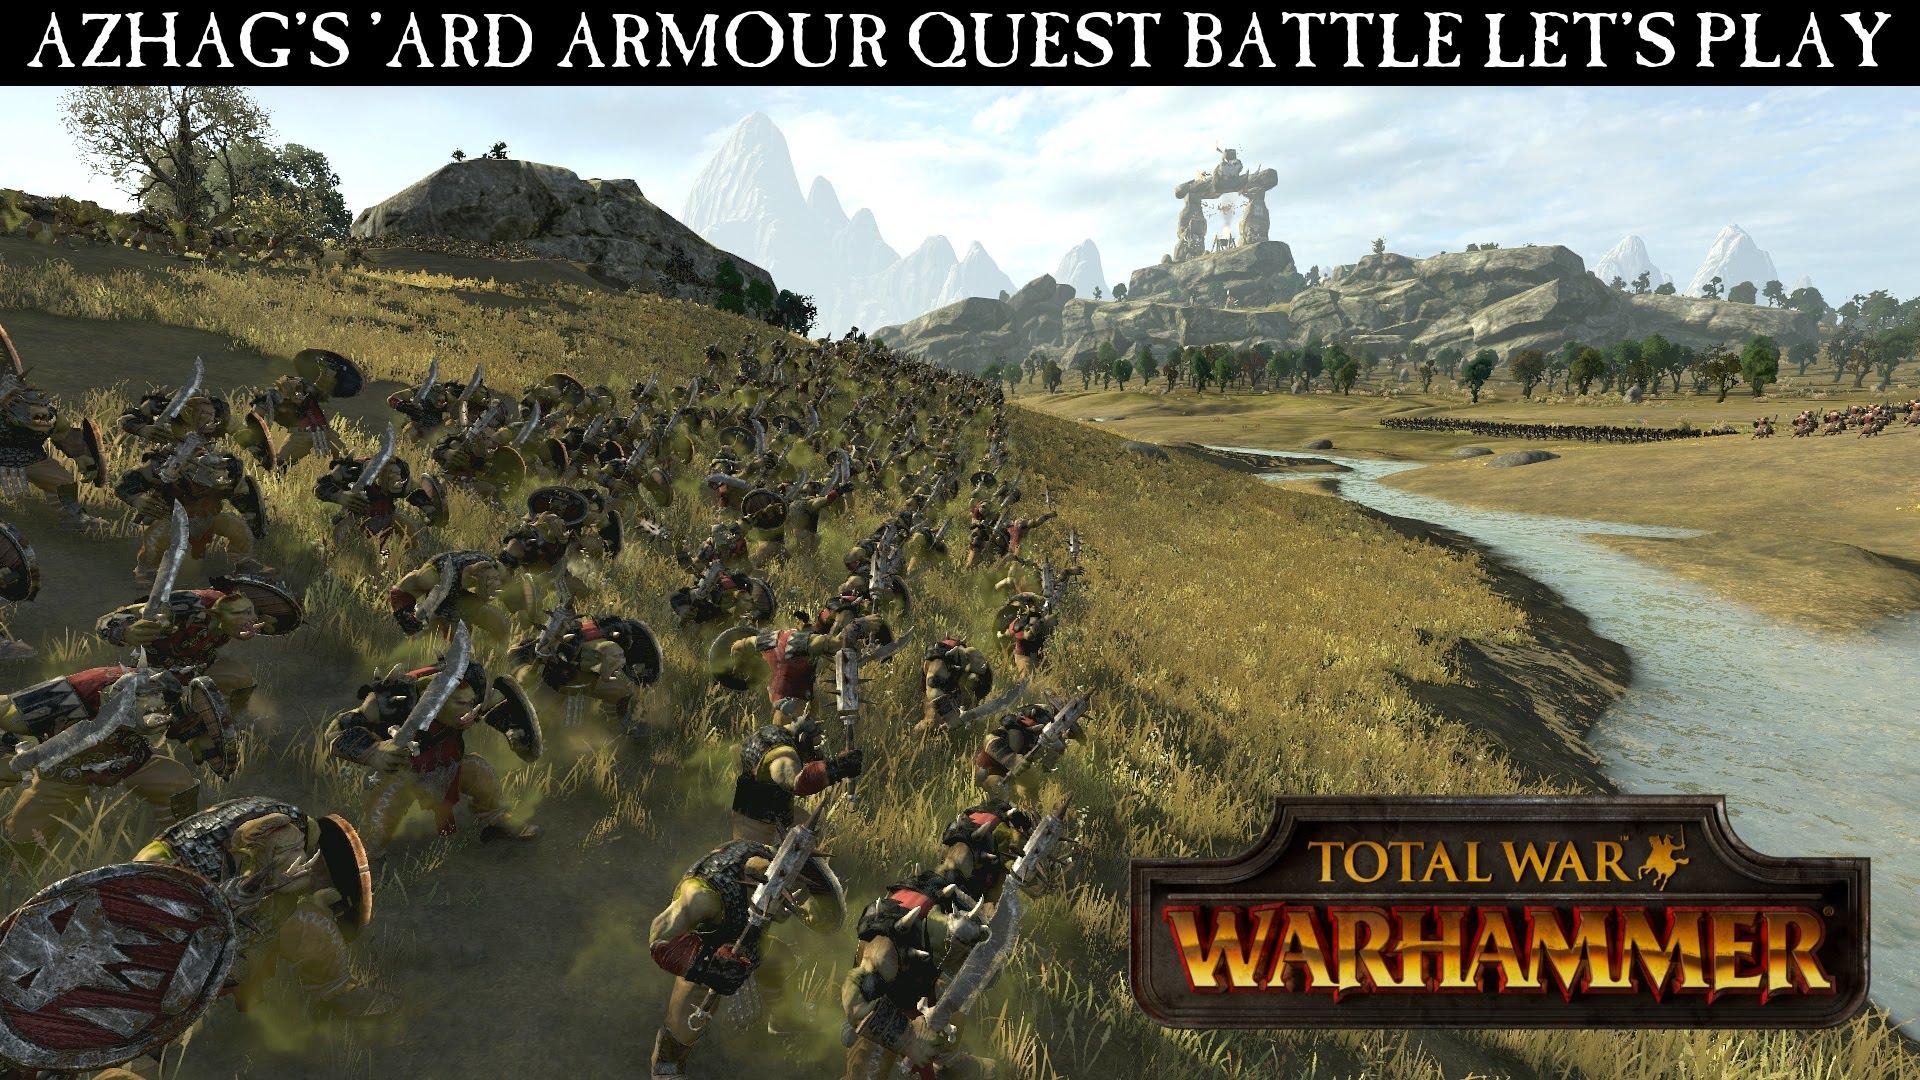 Total War: WARHAMMER Gameplay Video -Azhag's Quest BattleLet's Play